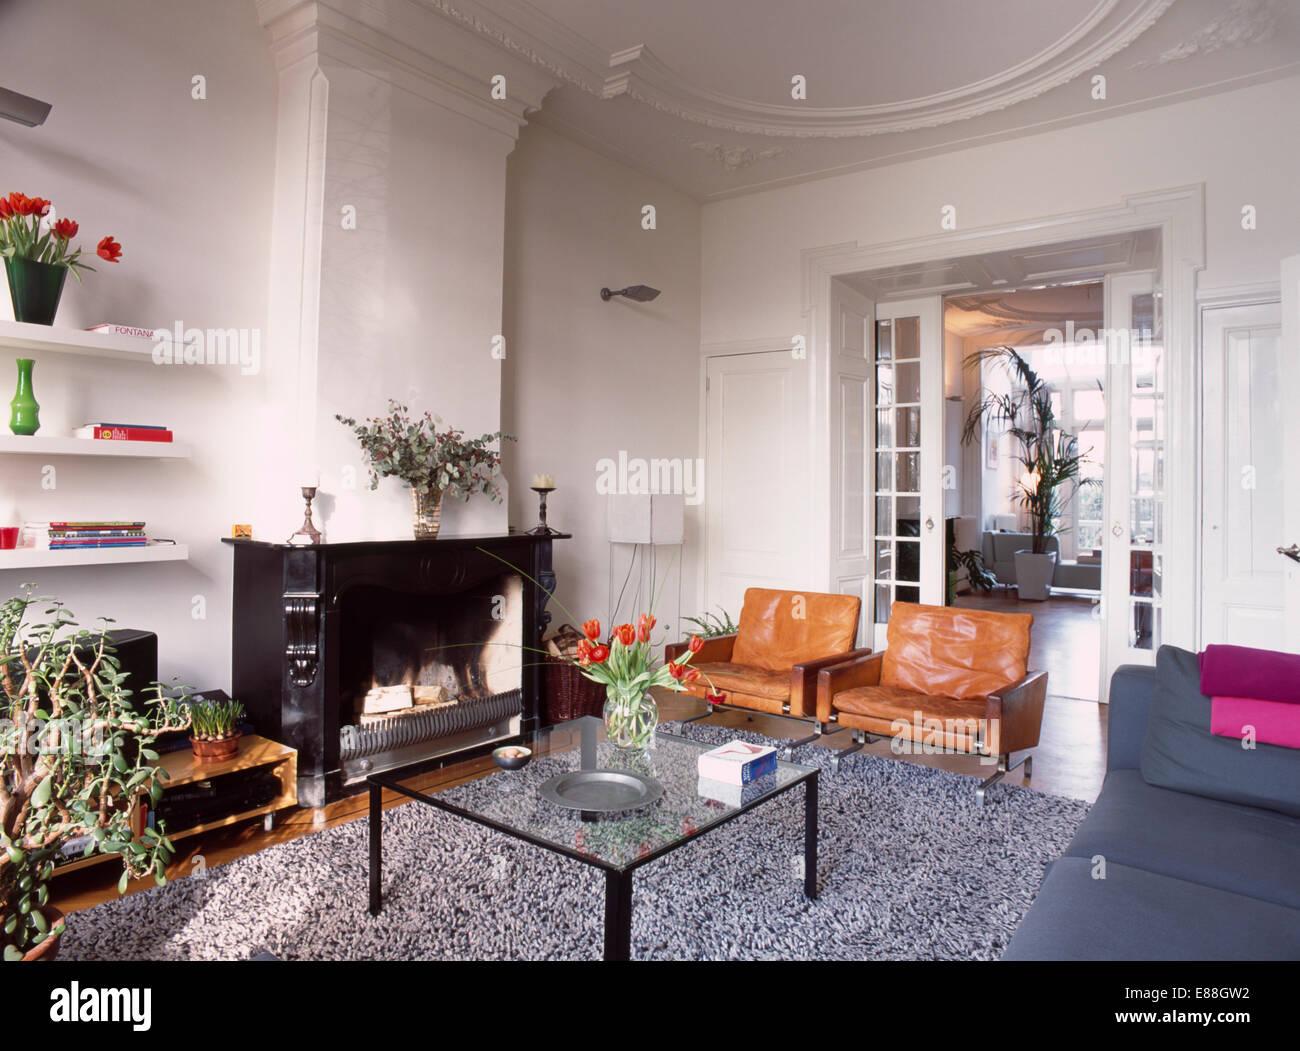 Fantastisch Texturierte Graue Wolldecke Und Modernes Glas Tisch Und Leder Stühle Im  Traditionellen Wohnzimmer Mit Schwarzen Kamin Und Glastüren